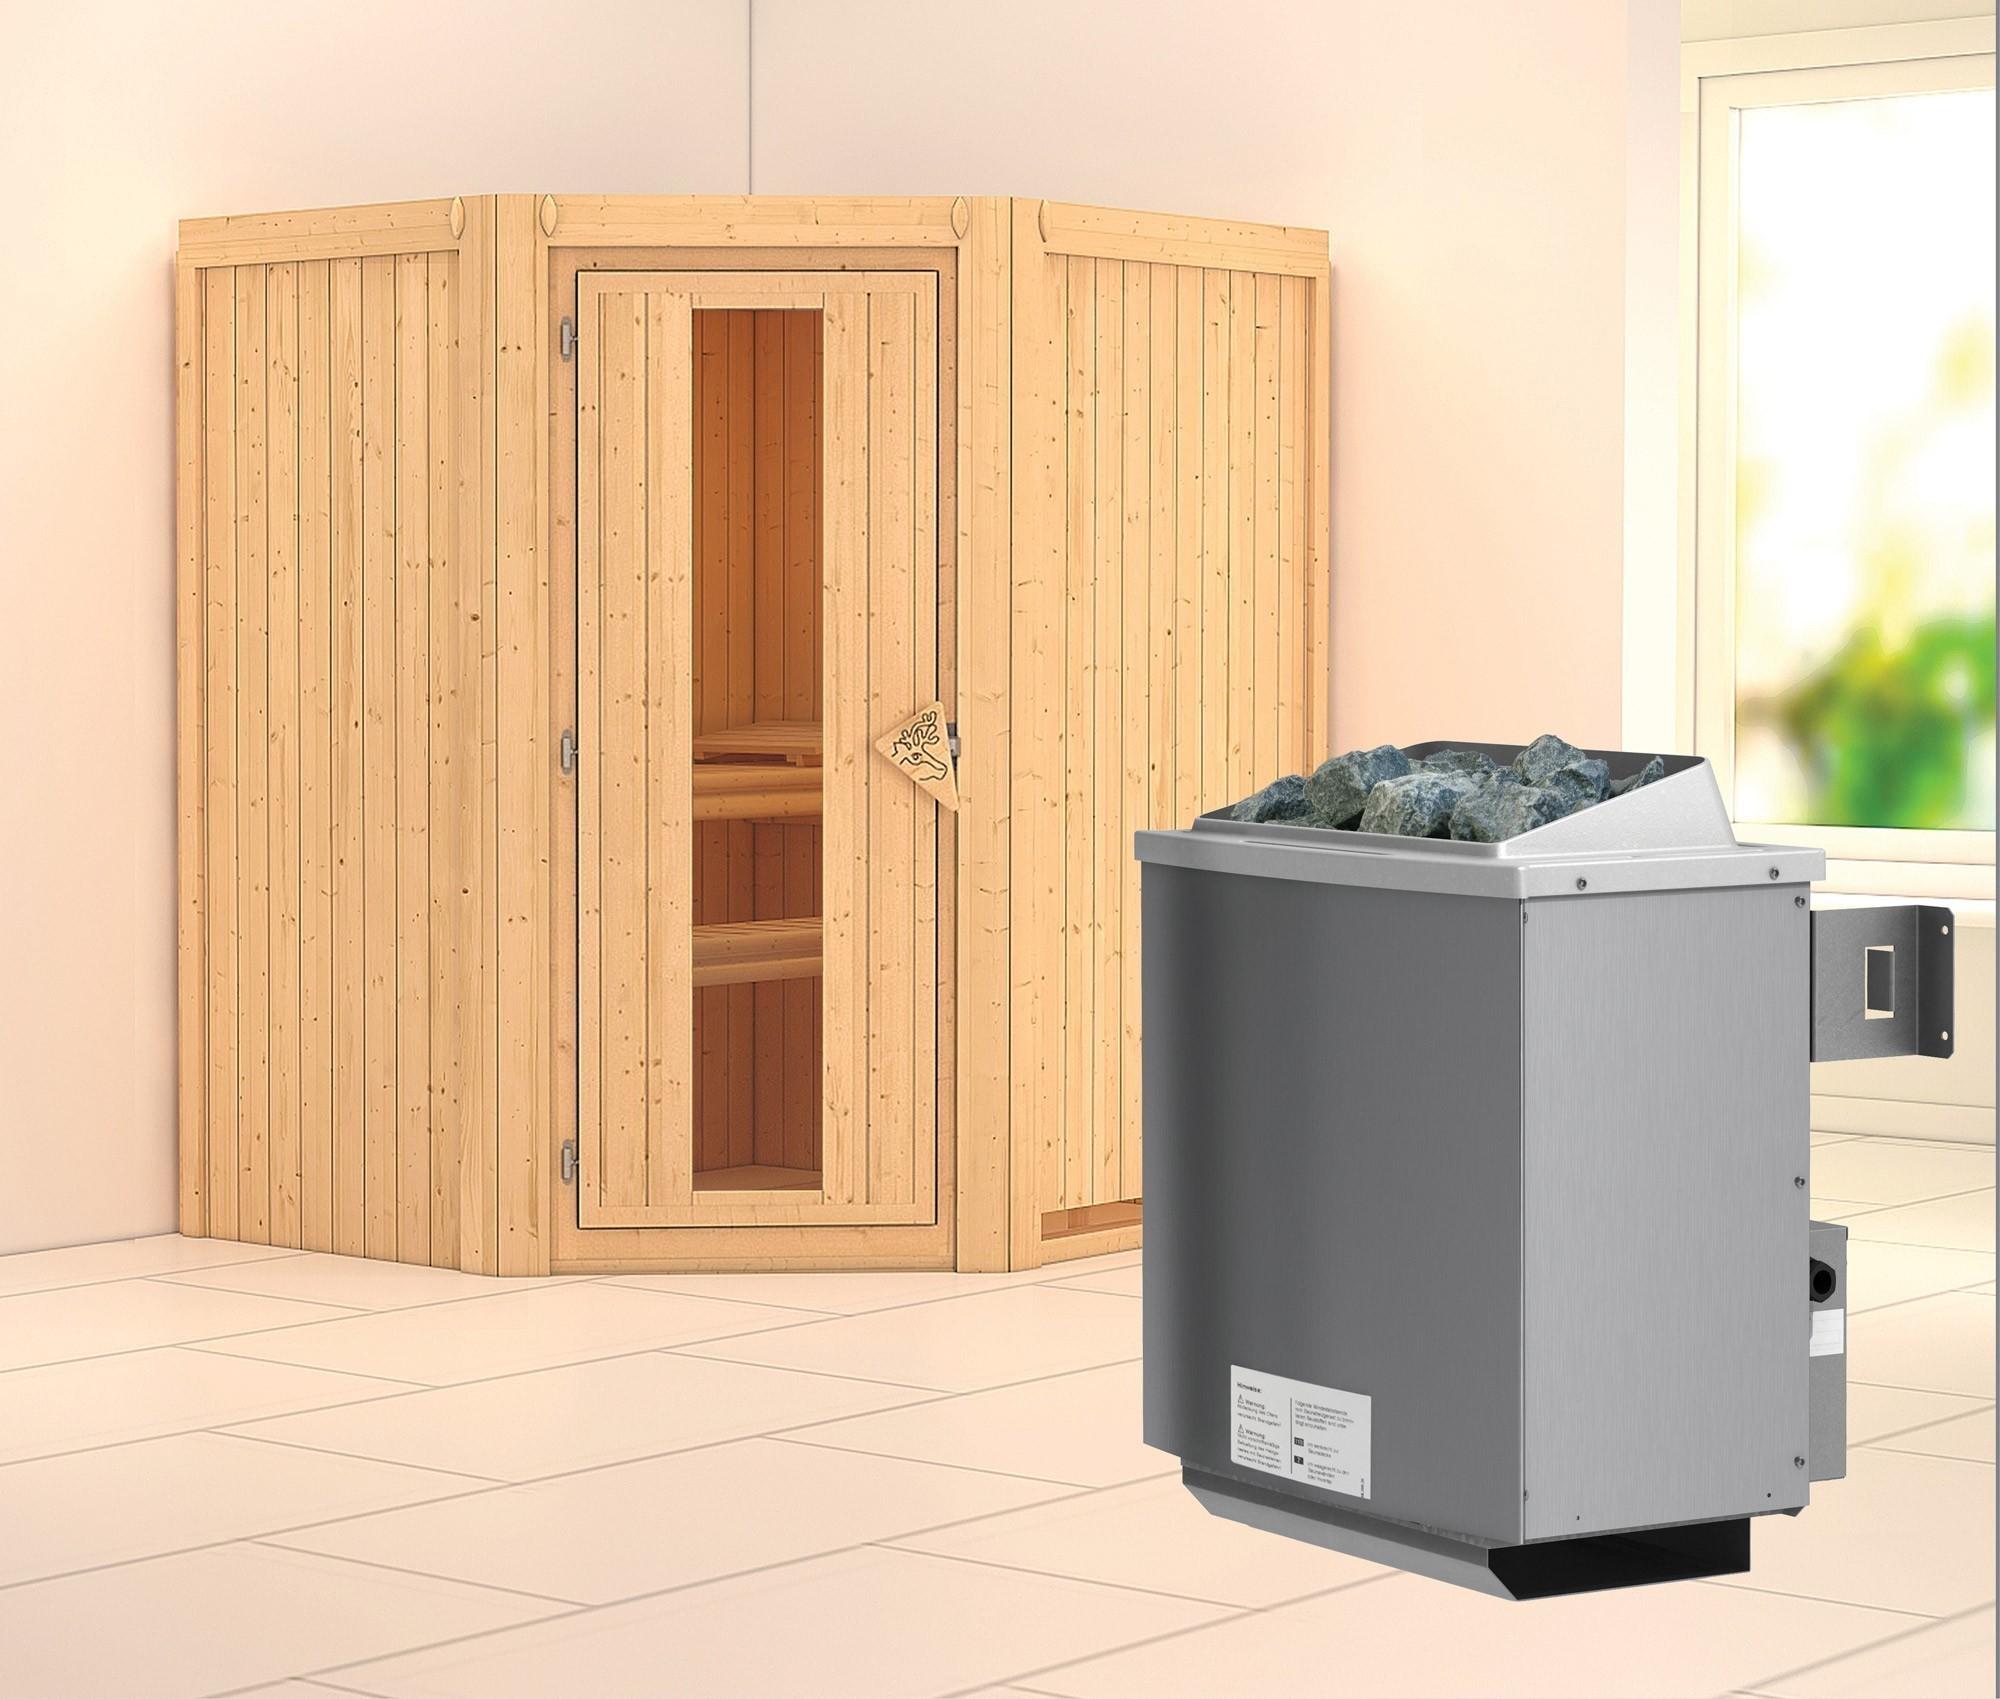 Karibu Sauna Taurin 68mm mit Saunaofen 9kW intern Holztür Bild 1